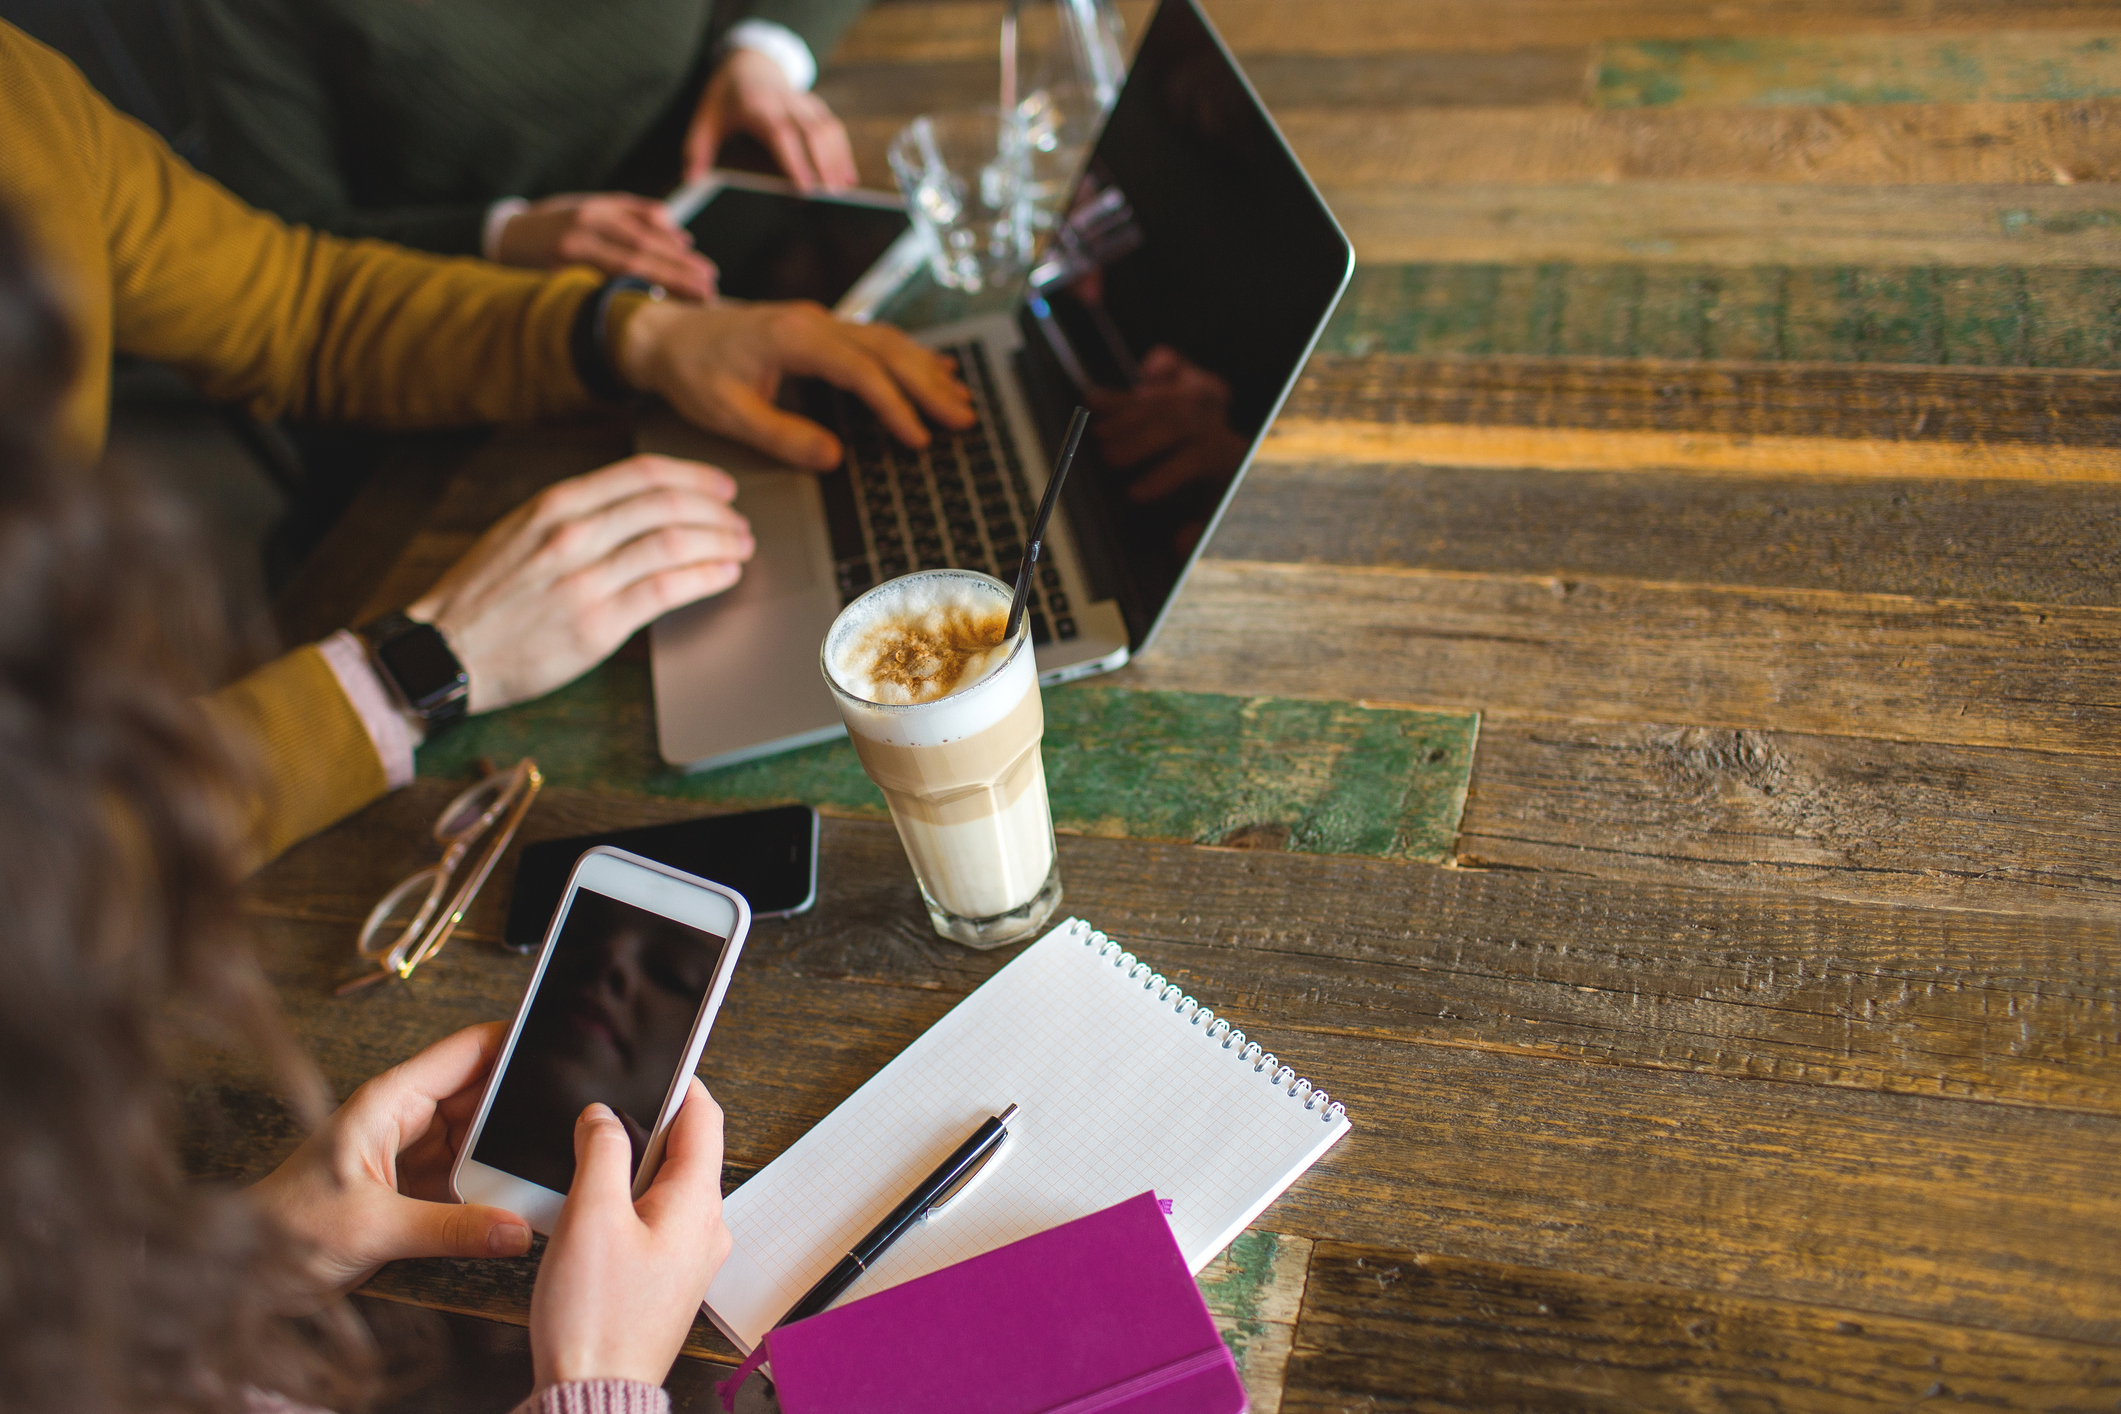 ポケットWi-Fi口座振替なら外出時にも高速通信!